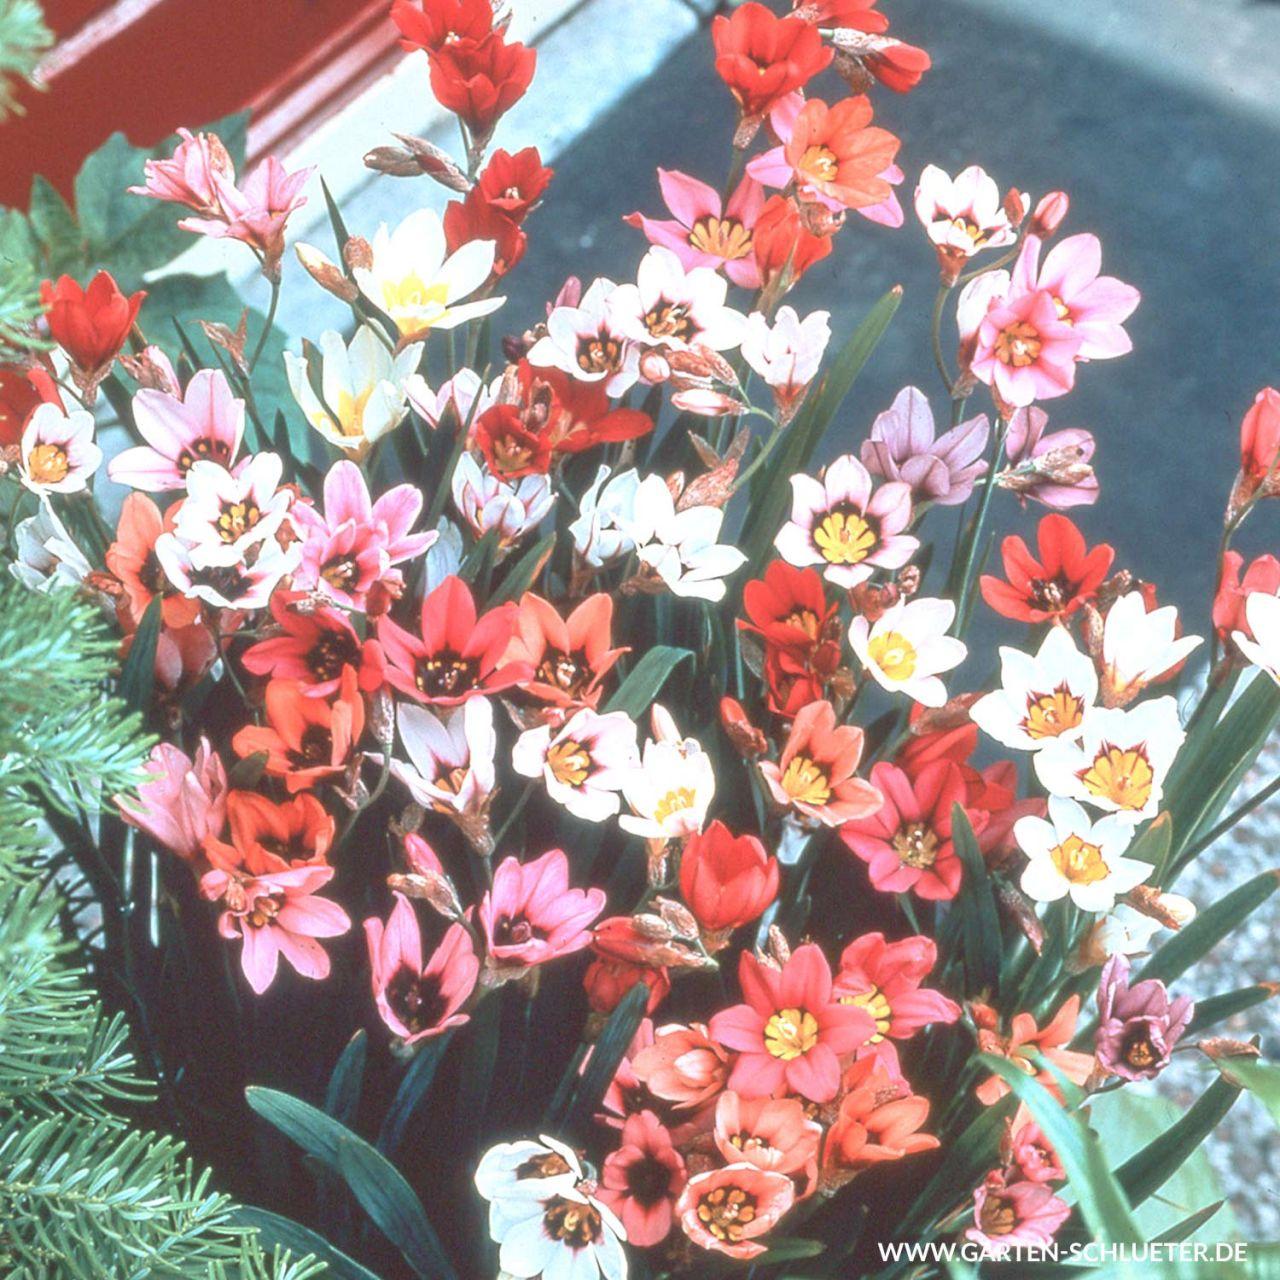 Zigeunerblumen 'Mischung' - 25 Stück